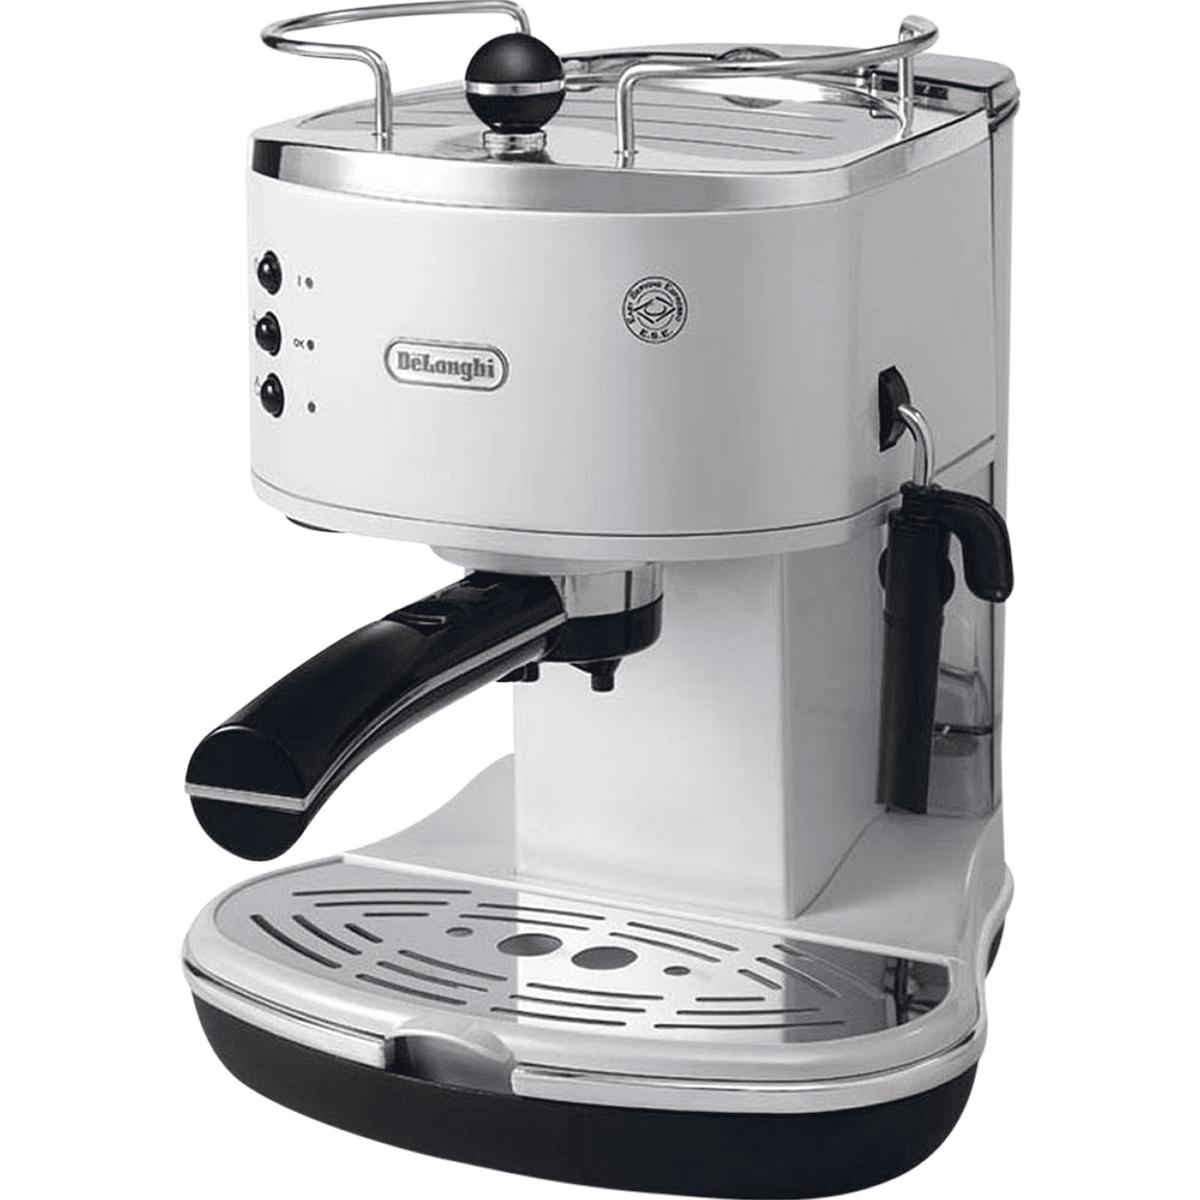 DeLonghi ECO310 Icona Manual Espresso Machine White - ECO310W